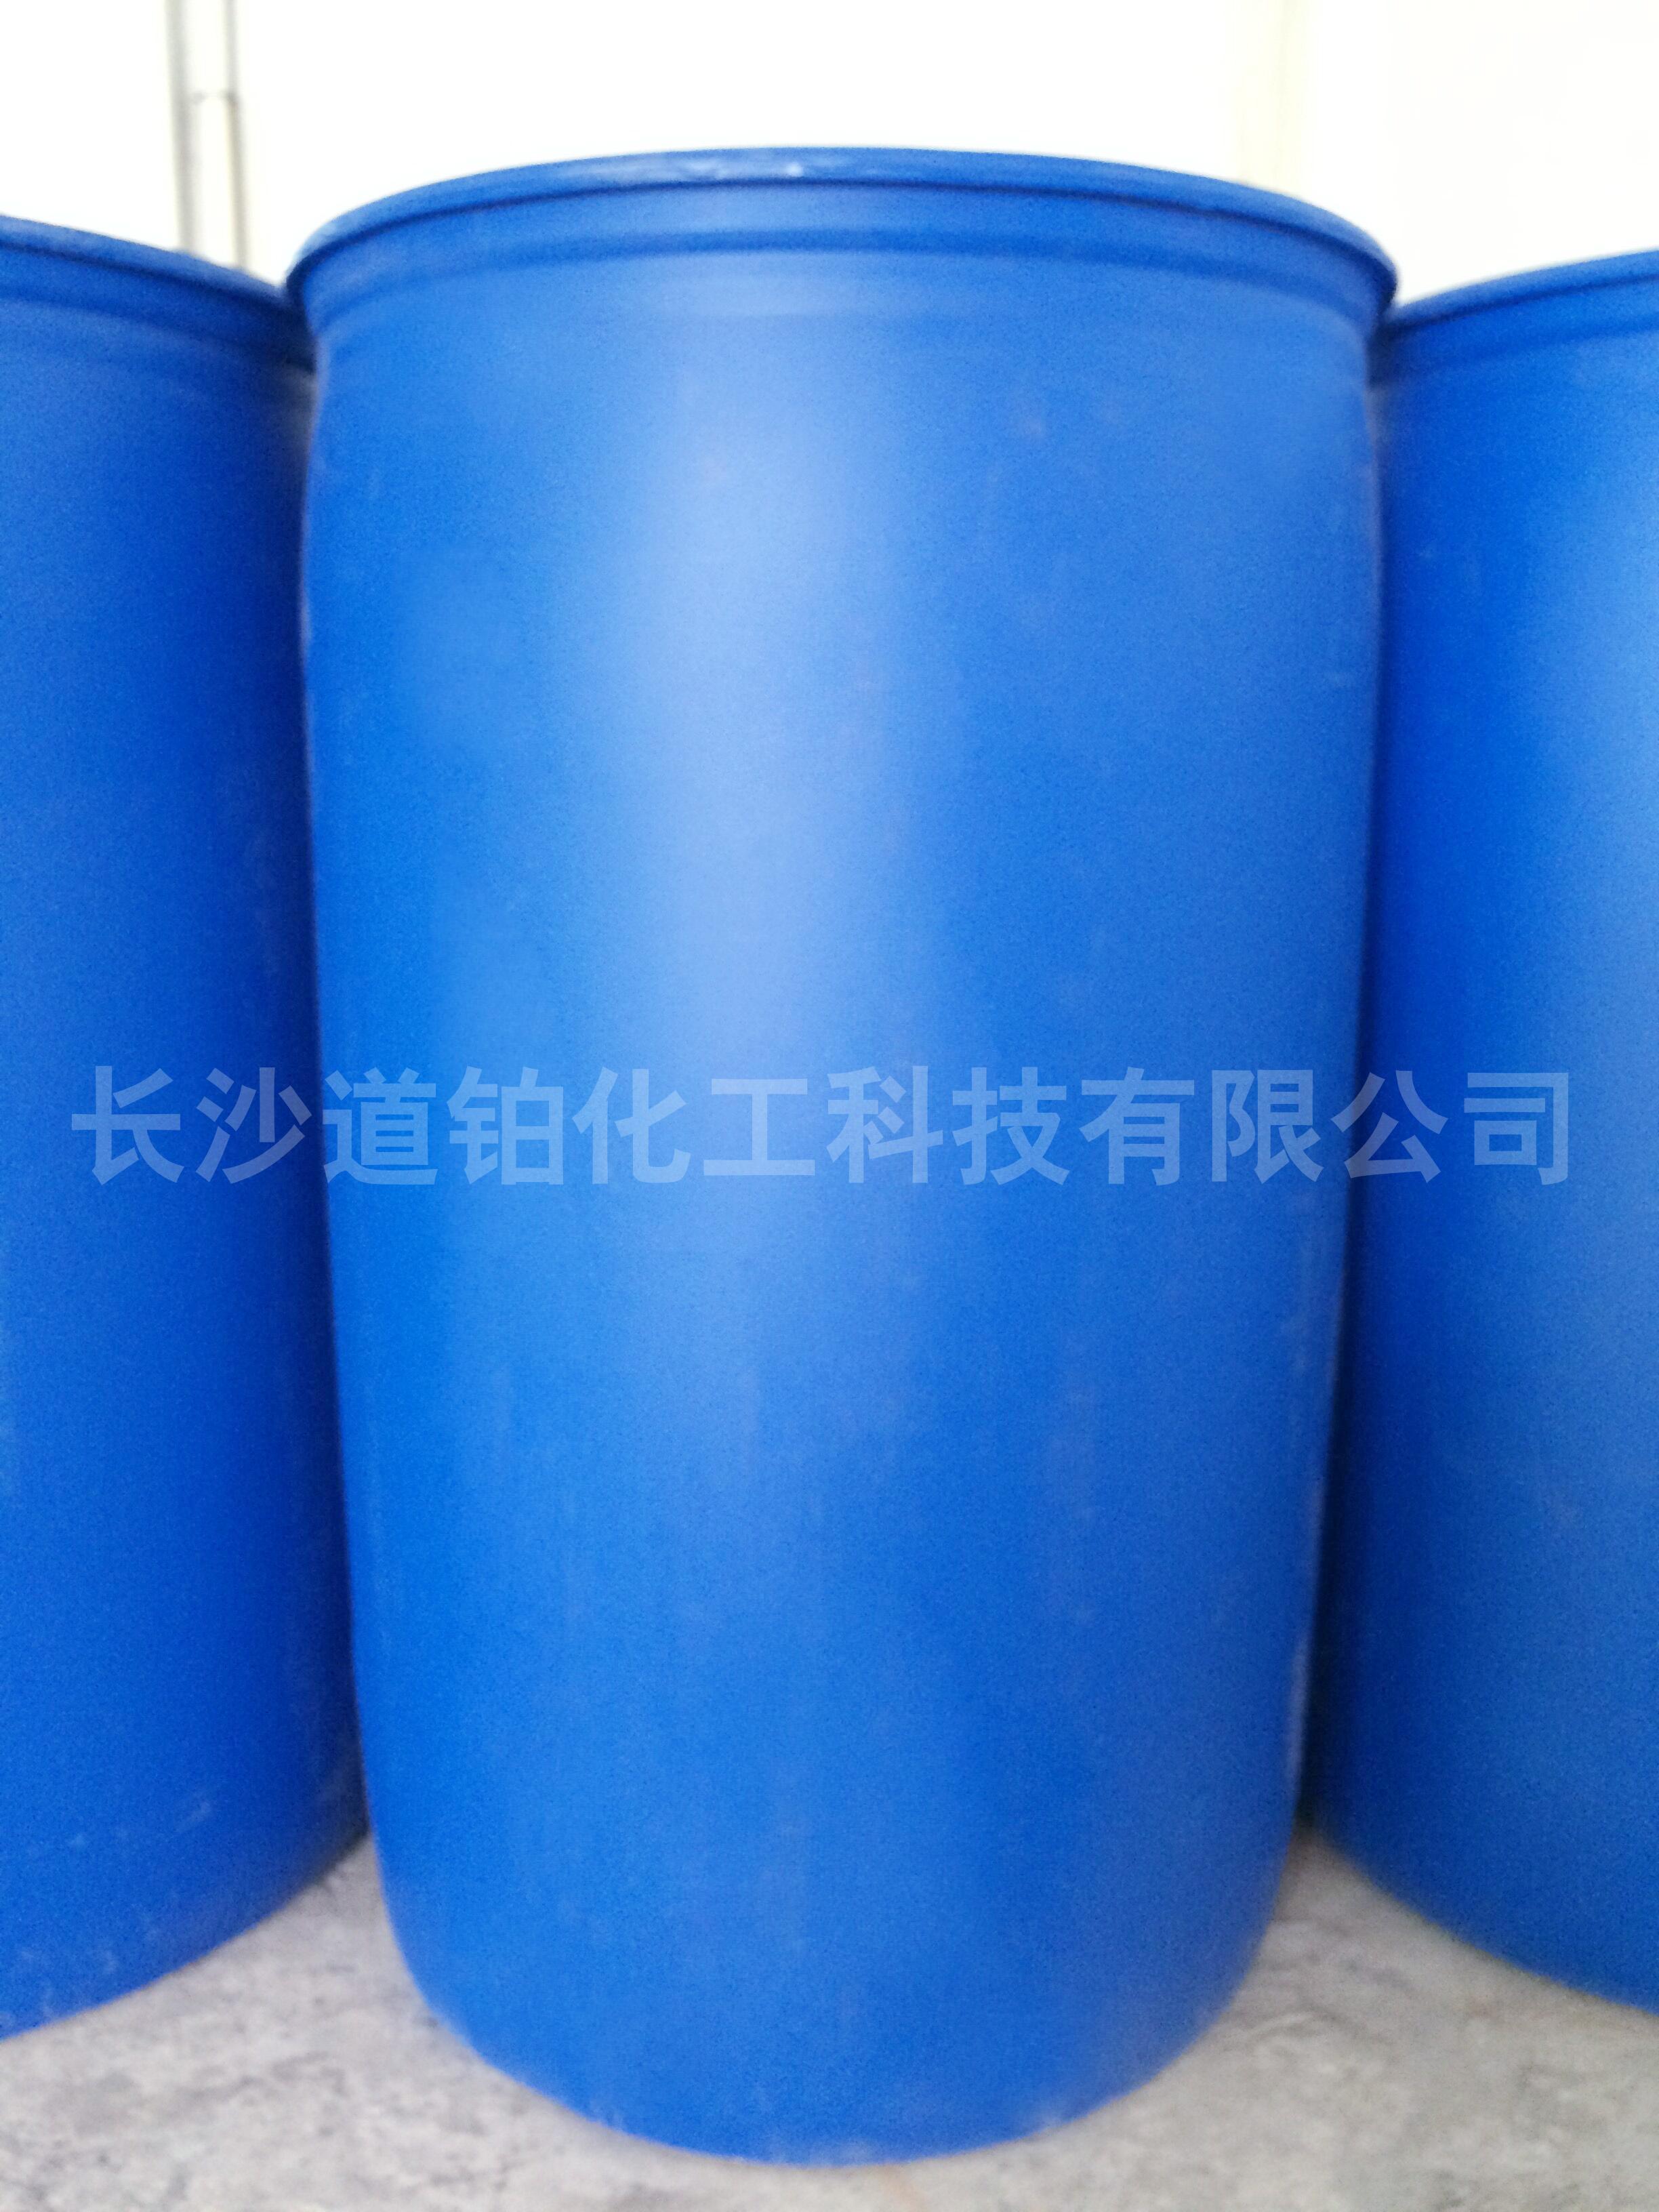 龜裂樹脂DP800